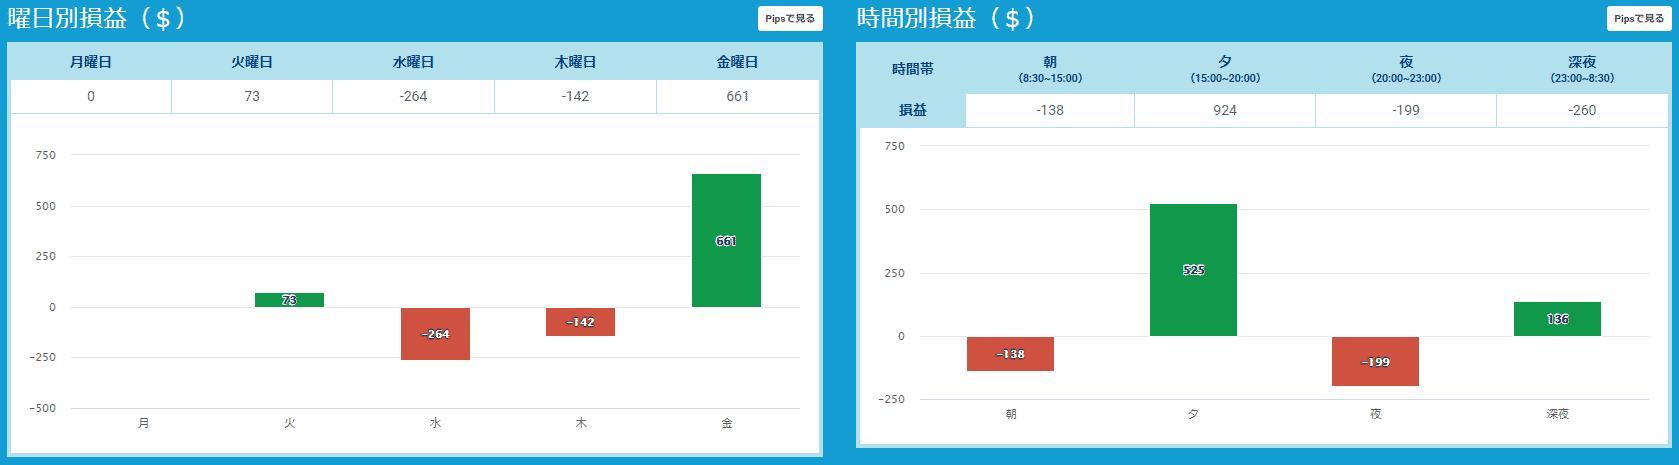 プロップトレーダーチャートMori2